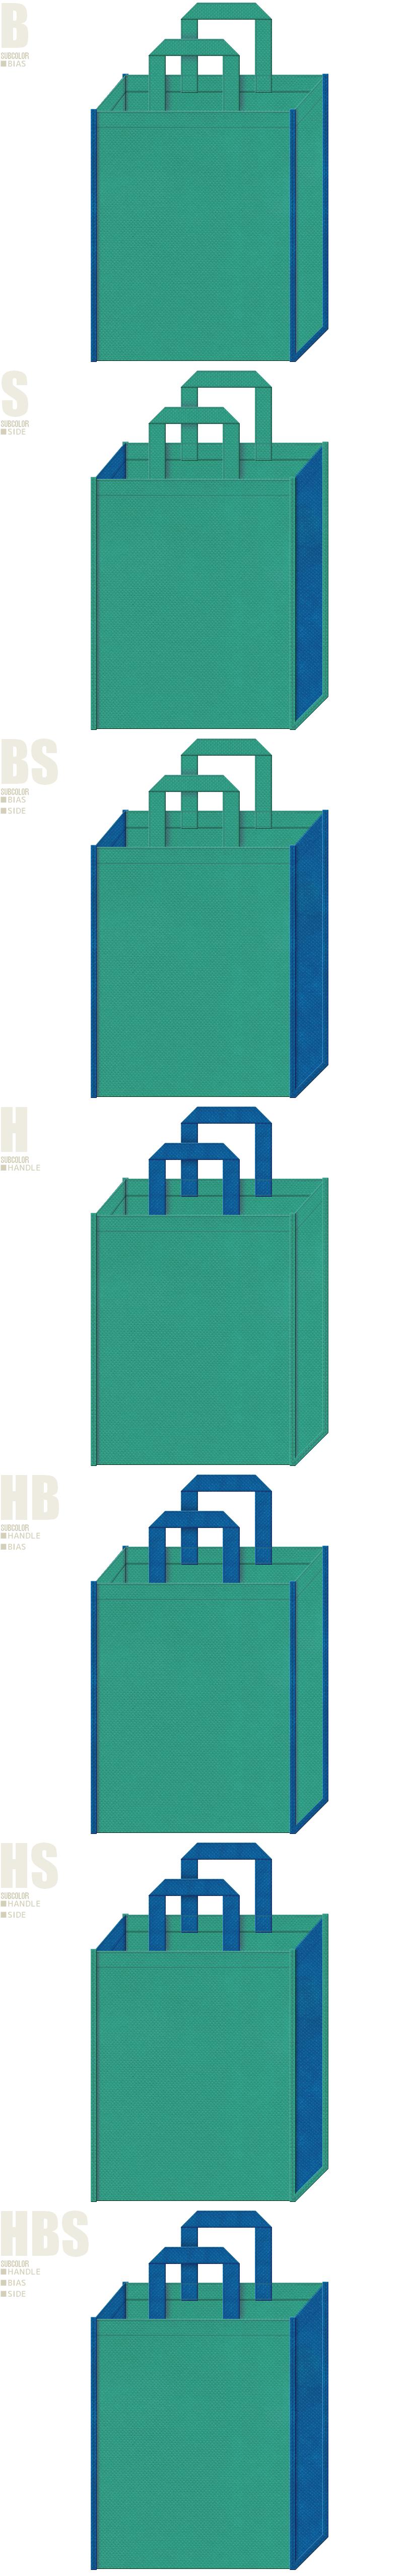 青魚・DHA・サプリメント・ユニフォーム・シューズ・スポーツ用品・人工知能・情報セキュリティー・LED・地球・環境・CO2削減・エコイベントにお奨めの不織布バッグデザイン:青緑色と青色の配色7パターン